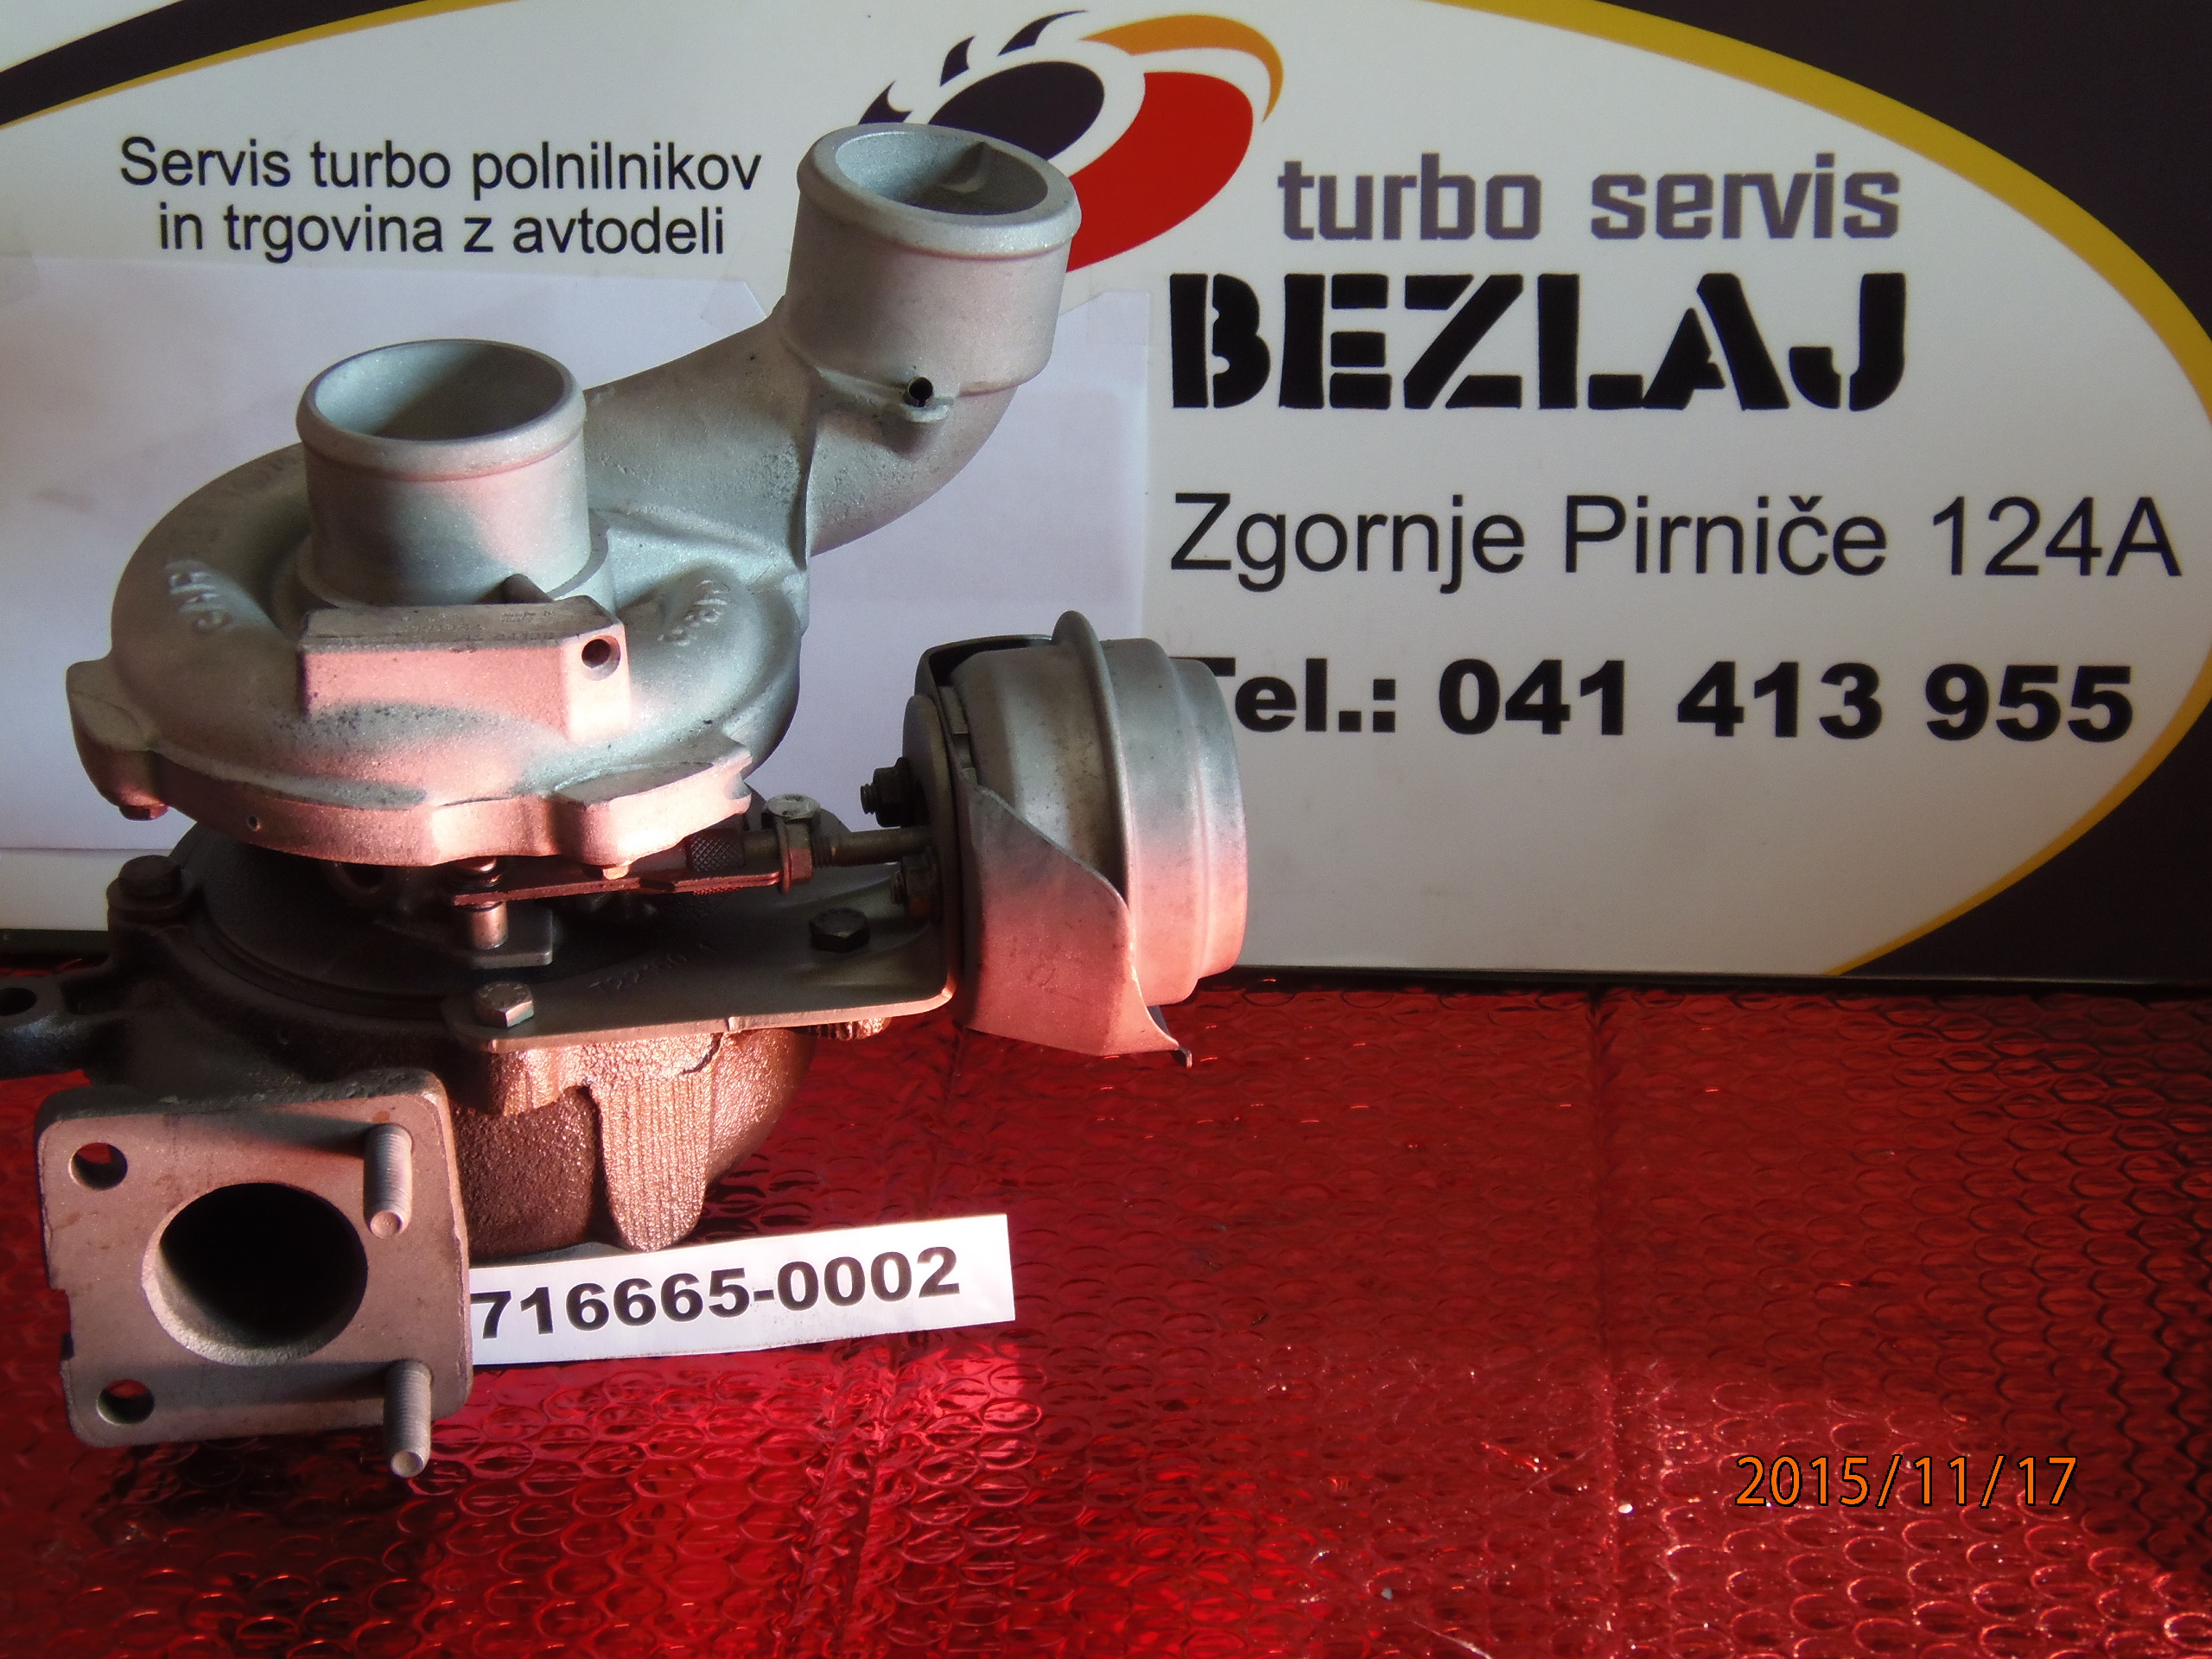 turbo 716665-0002